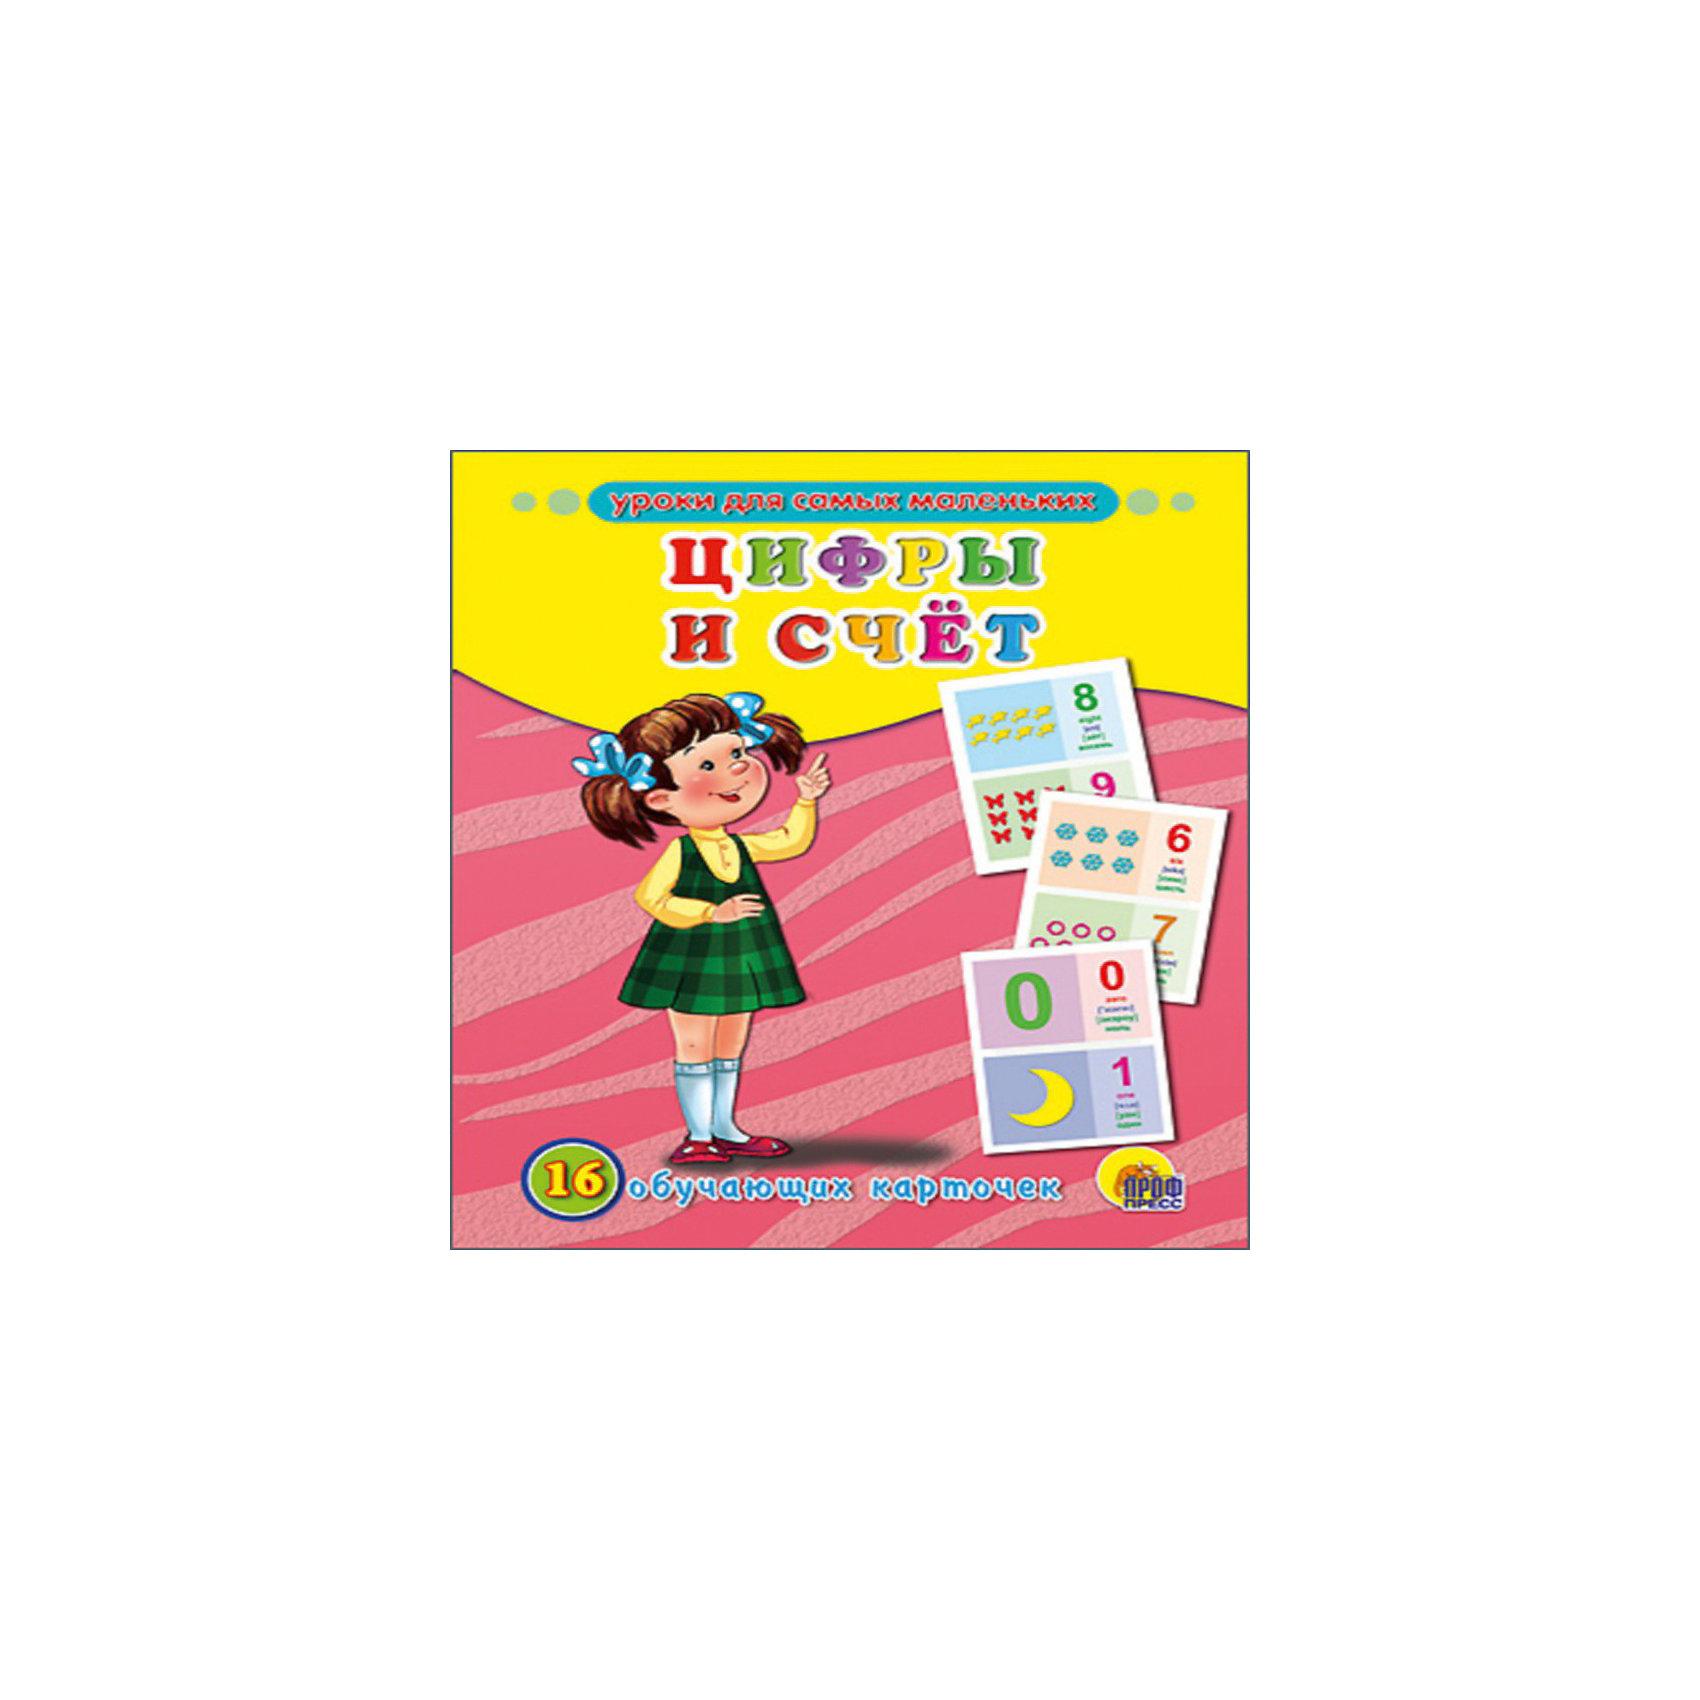 Обучающие карточки Цифры и счетОбучающие карточки Цифры и счет, Проф-Пресс помогут Вашему ребенку быстрее и легче освоить названия цифр на английском языке. На каждой из 16 тематических карточек крупно прописаны цифры, их названия на английском языке и фигуры, которые сопровождаются яркими иллюстрациями. Карточки выполнены из картона и упакованы в картонную папку.<br><br>Дополнительная информация:<br><br>- Серия: Обучающие карточки.<br>- Обложка: картон.<br>- Иллюстрации: цветные.<br>- Объем: 16 карточек (картон).<br>- Формат: 22 x 17 м.<br>- Вес: 158 гр.<br><br>Обучающие карточки Цифры и счет, Проф-Пресс можно купить в нашем интернет-магазине.<br><br>Ширина мм: 170<br>Глубина мм: 5<br>Высота мм: 220<br>Вес г: 164<br>Возраст от месяцев: 24<br>Возраст до месяцев: 60<br>Пол: Унисекс<br>Возраст: Детский<br>SKU: 3805348